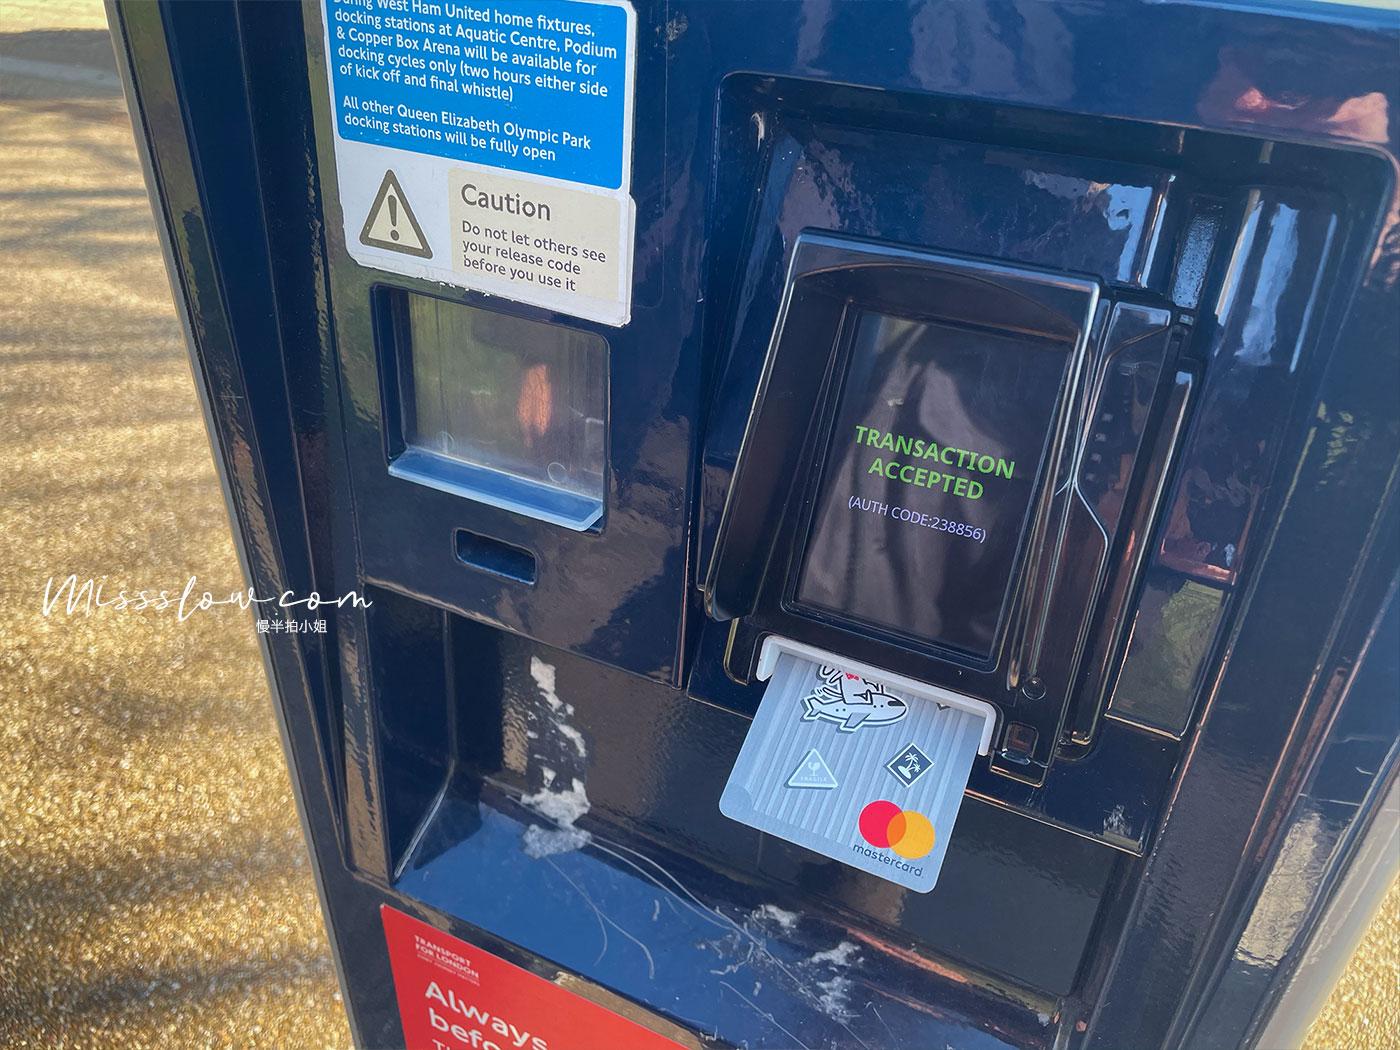 倫敦共享單車 Santander Cycle租借方式-租借機器插入晶片信用卡